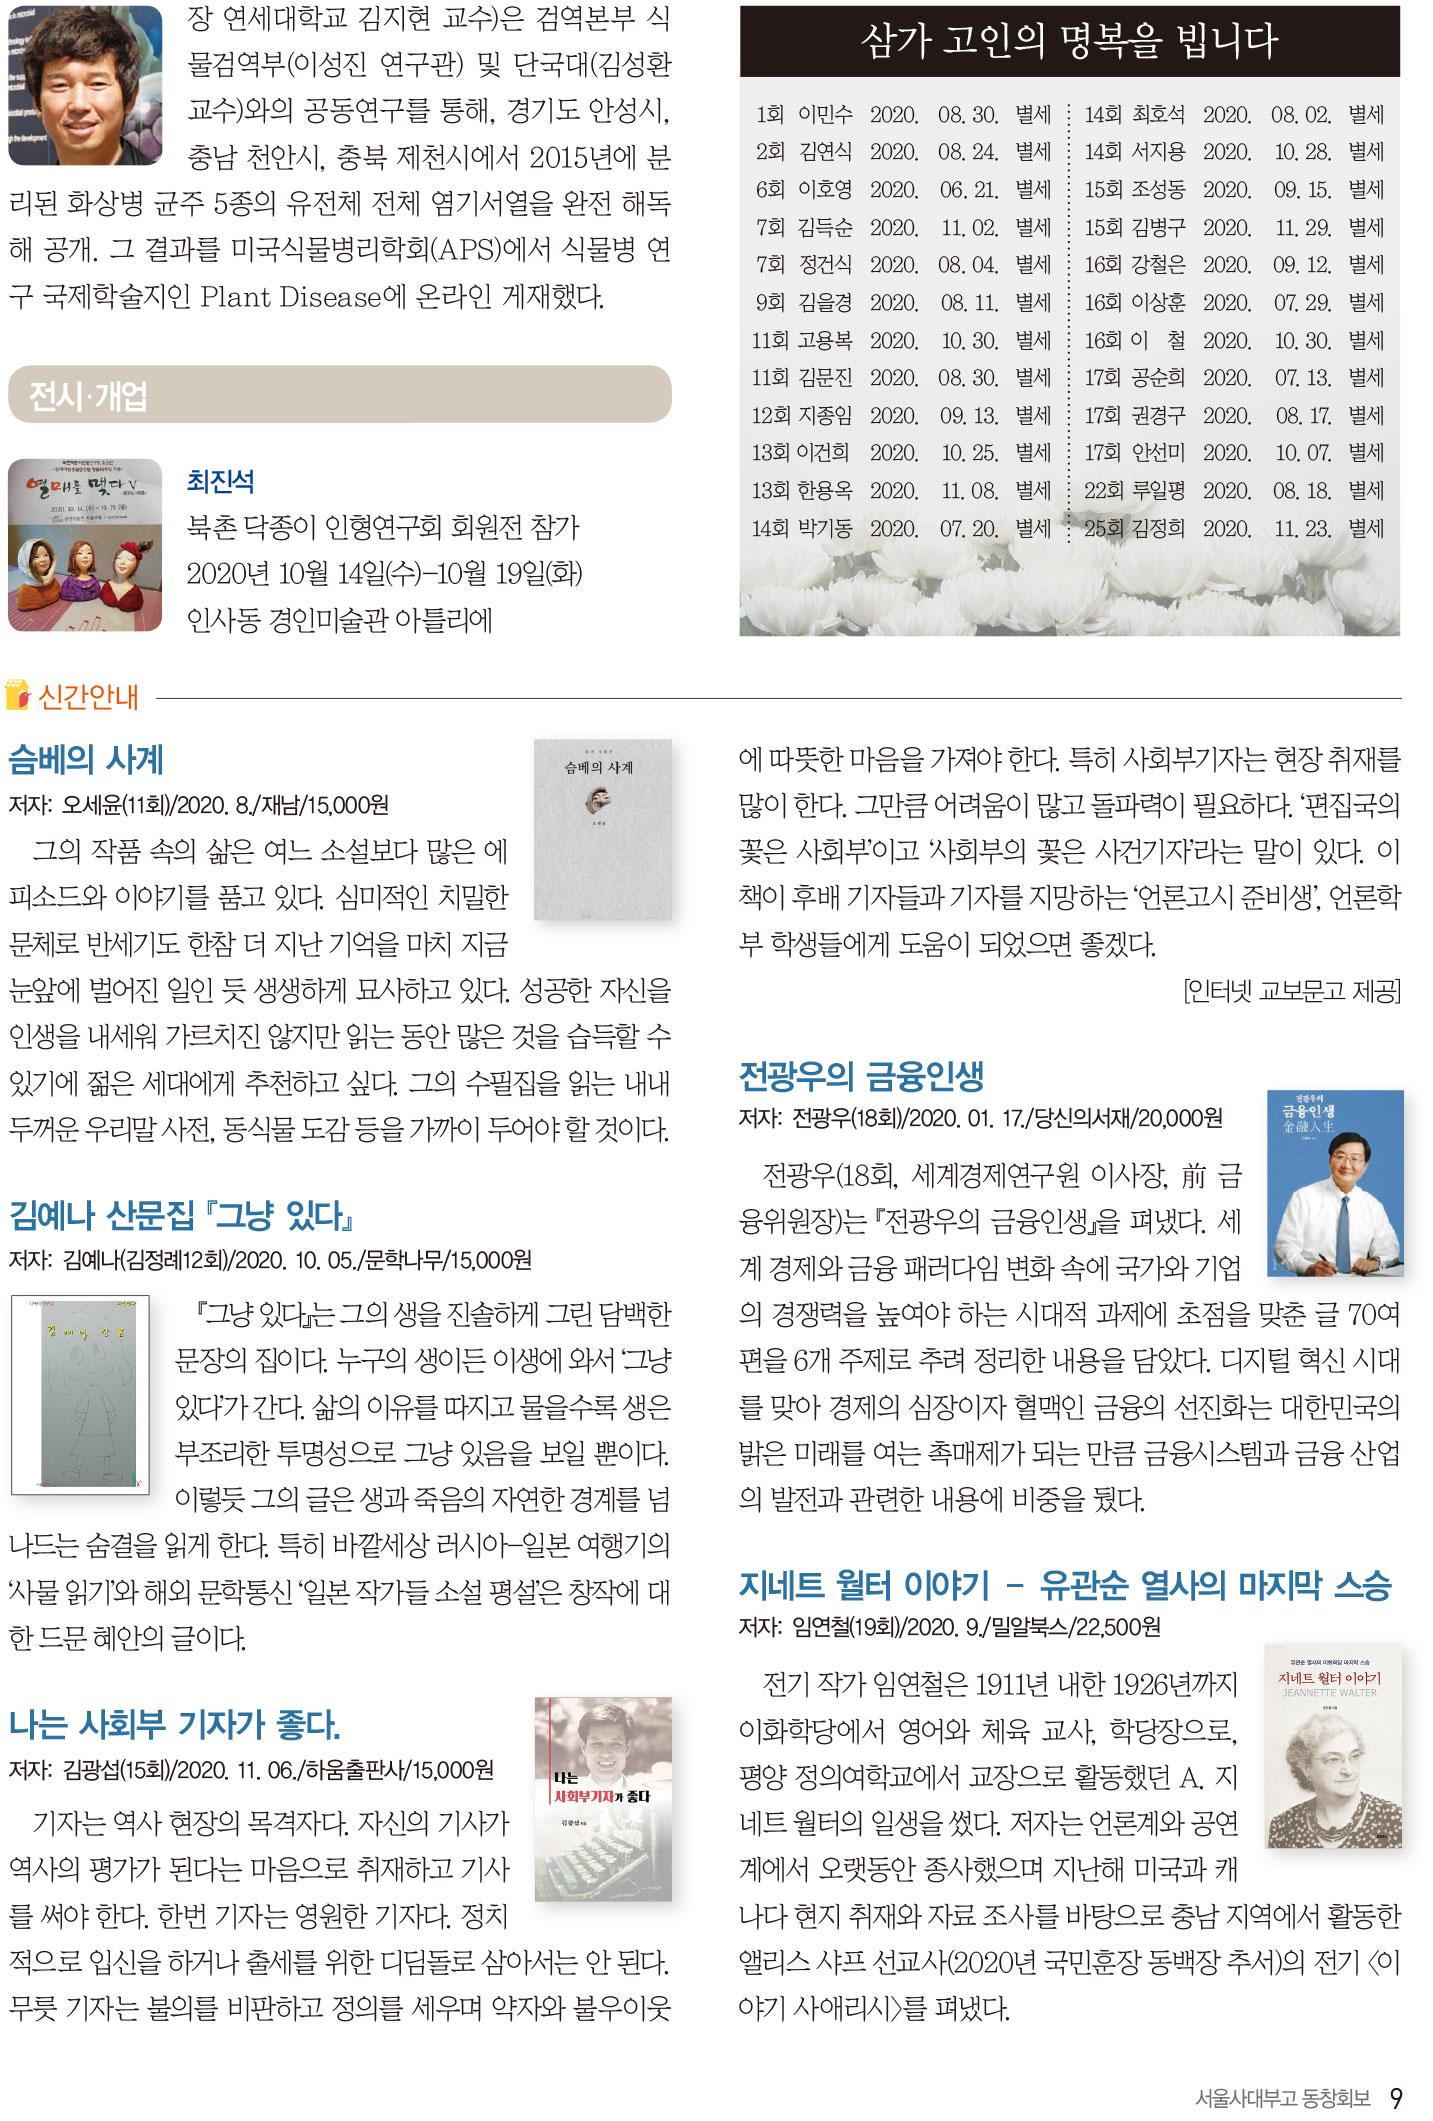 서울사대부고-115호-홈페이지-9.jpg